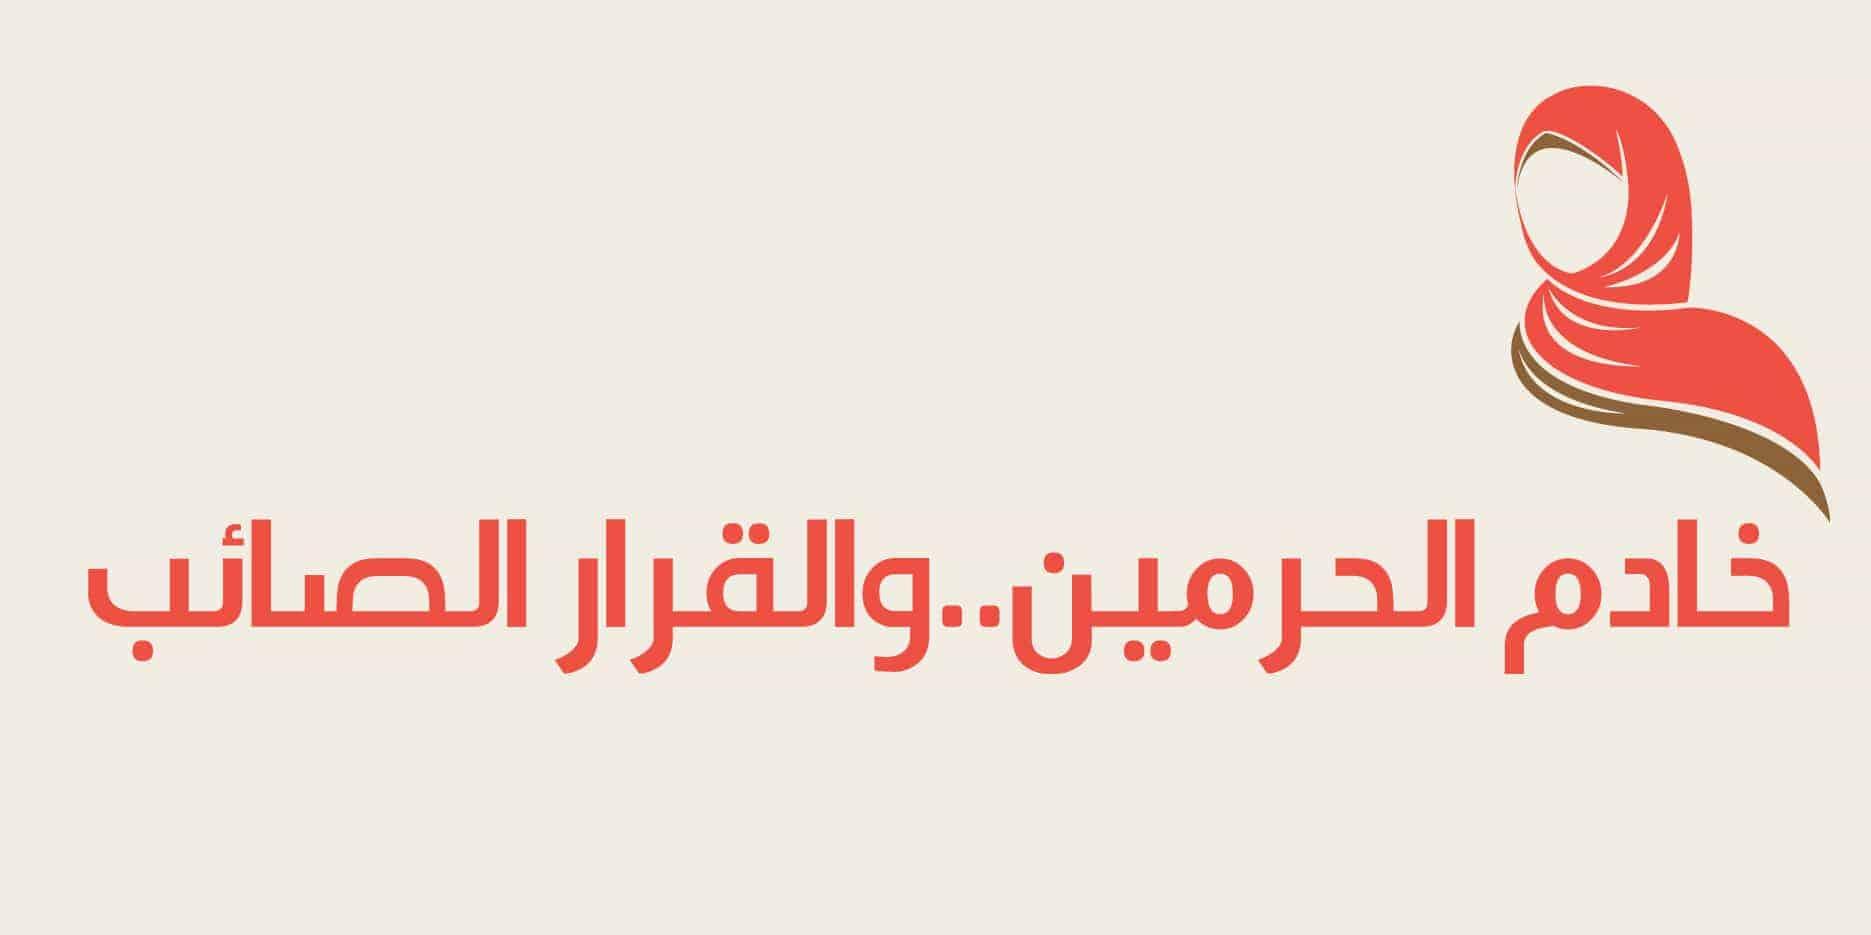 خادم الحرمين..والقرار الصائب   مجلة رواد الأعمال